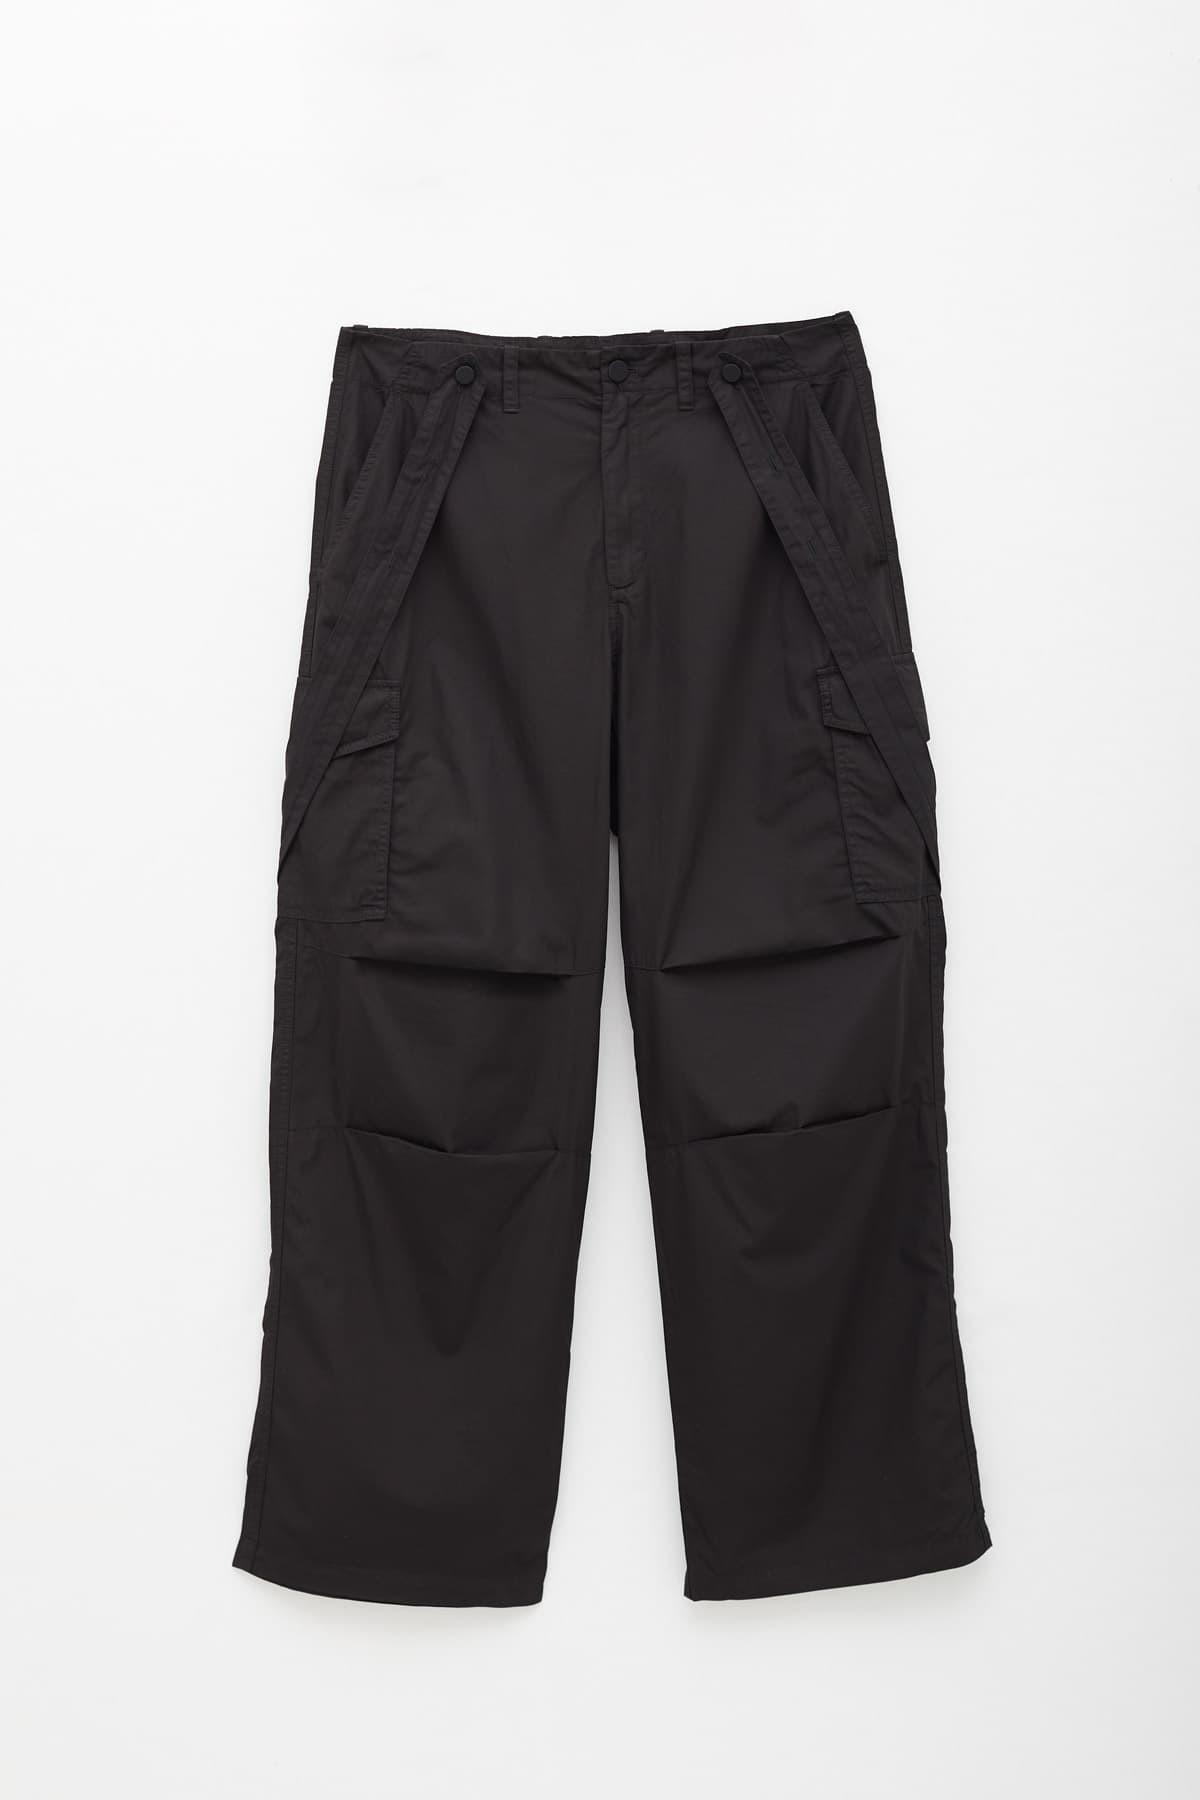 Comprar Raf Simons x Eastpak Black White Stars RS Padded Backpack